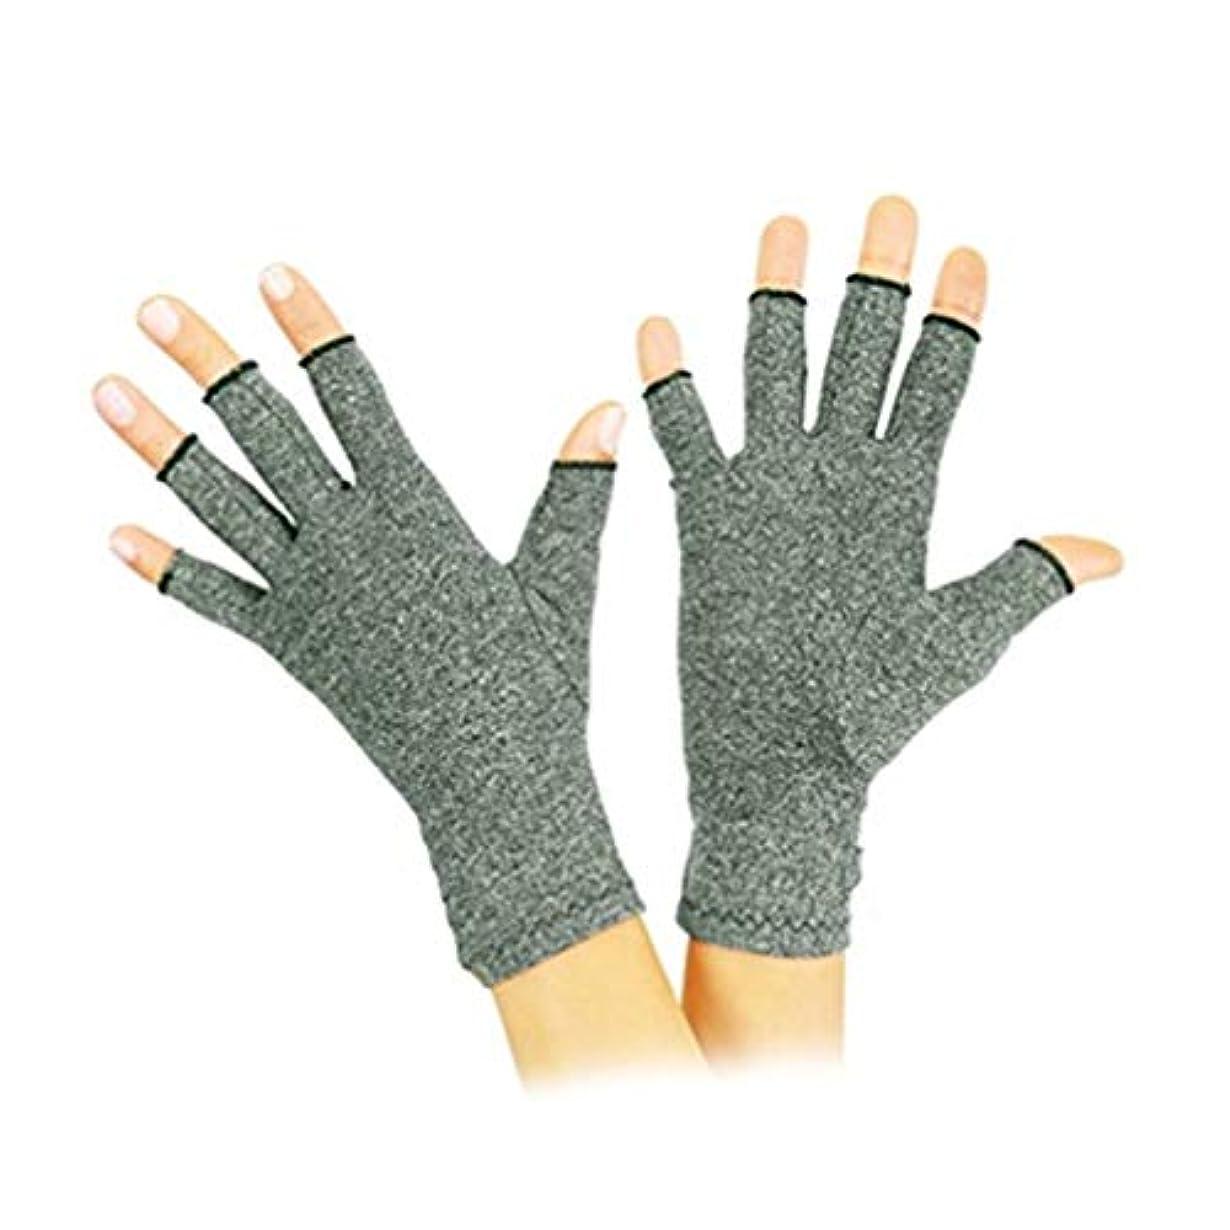 分レッスン説明関節リウマチリウマチ性変形性関節症用手袋圧縮手袋コンピュータ入力用痛み緩和